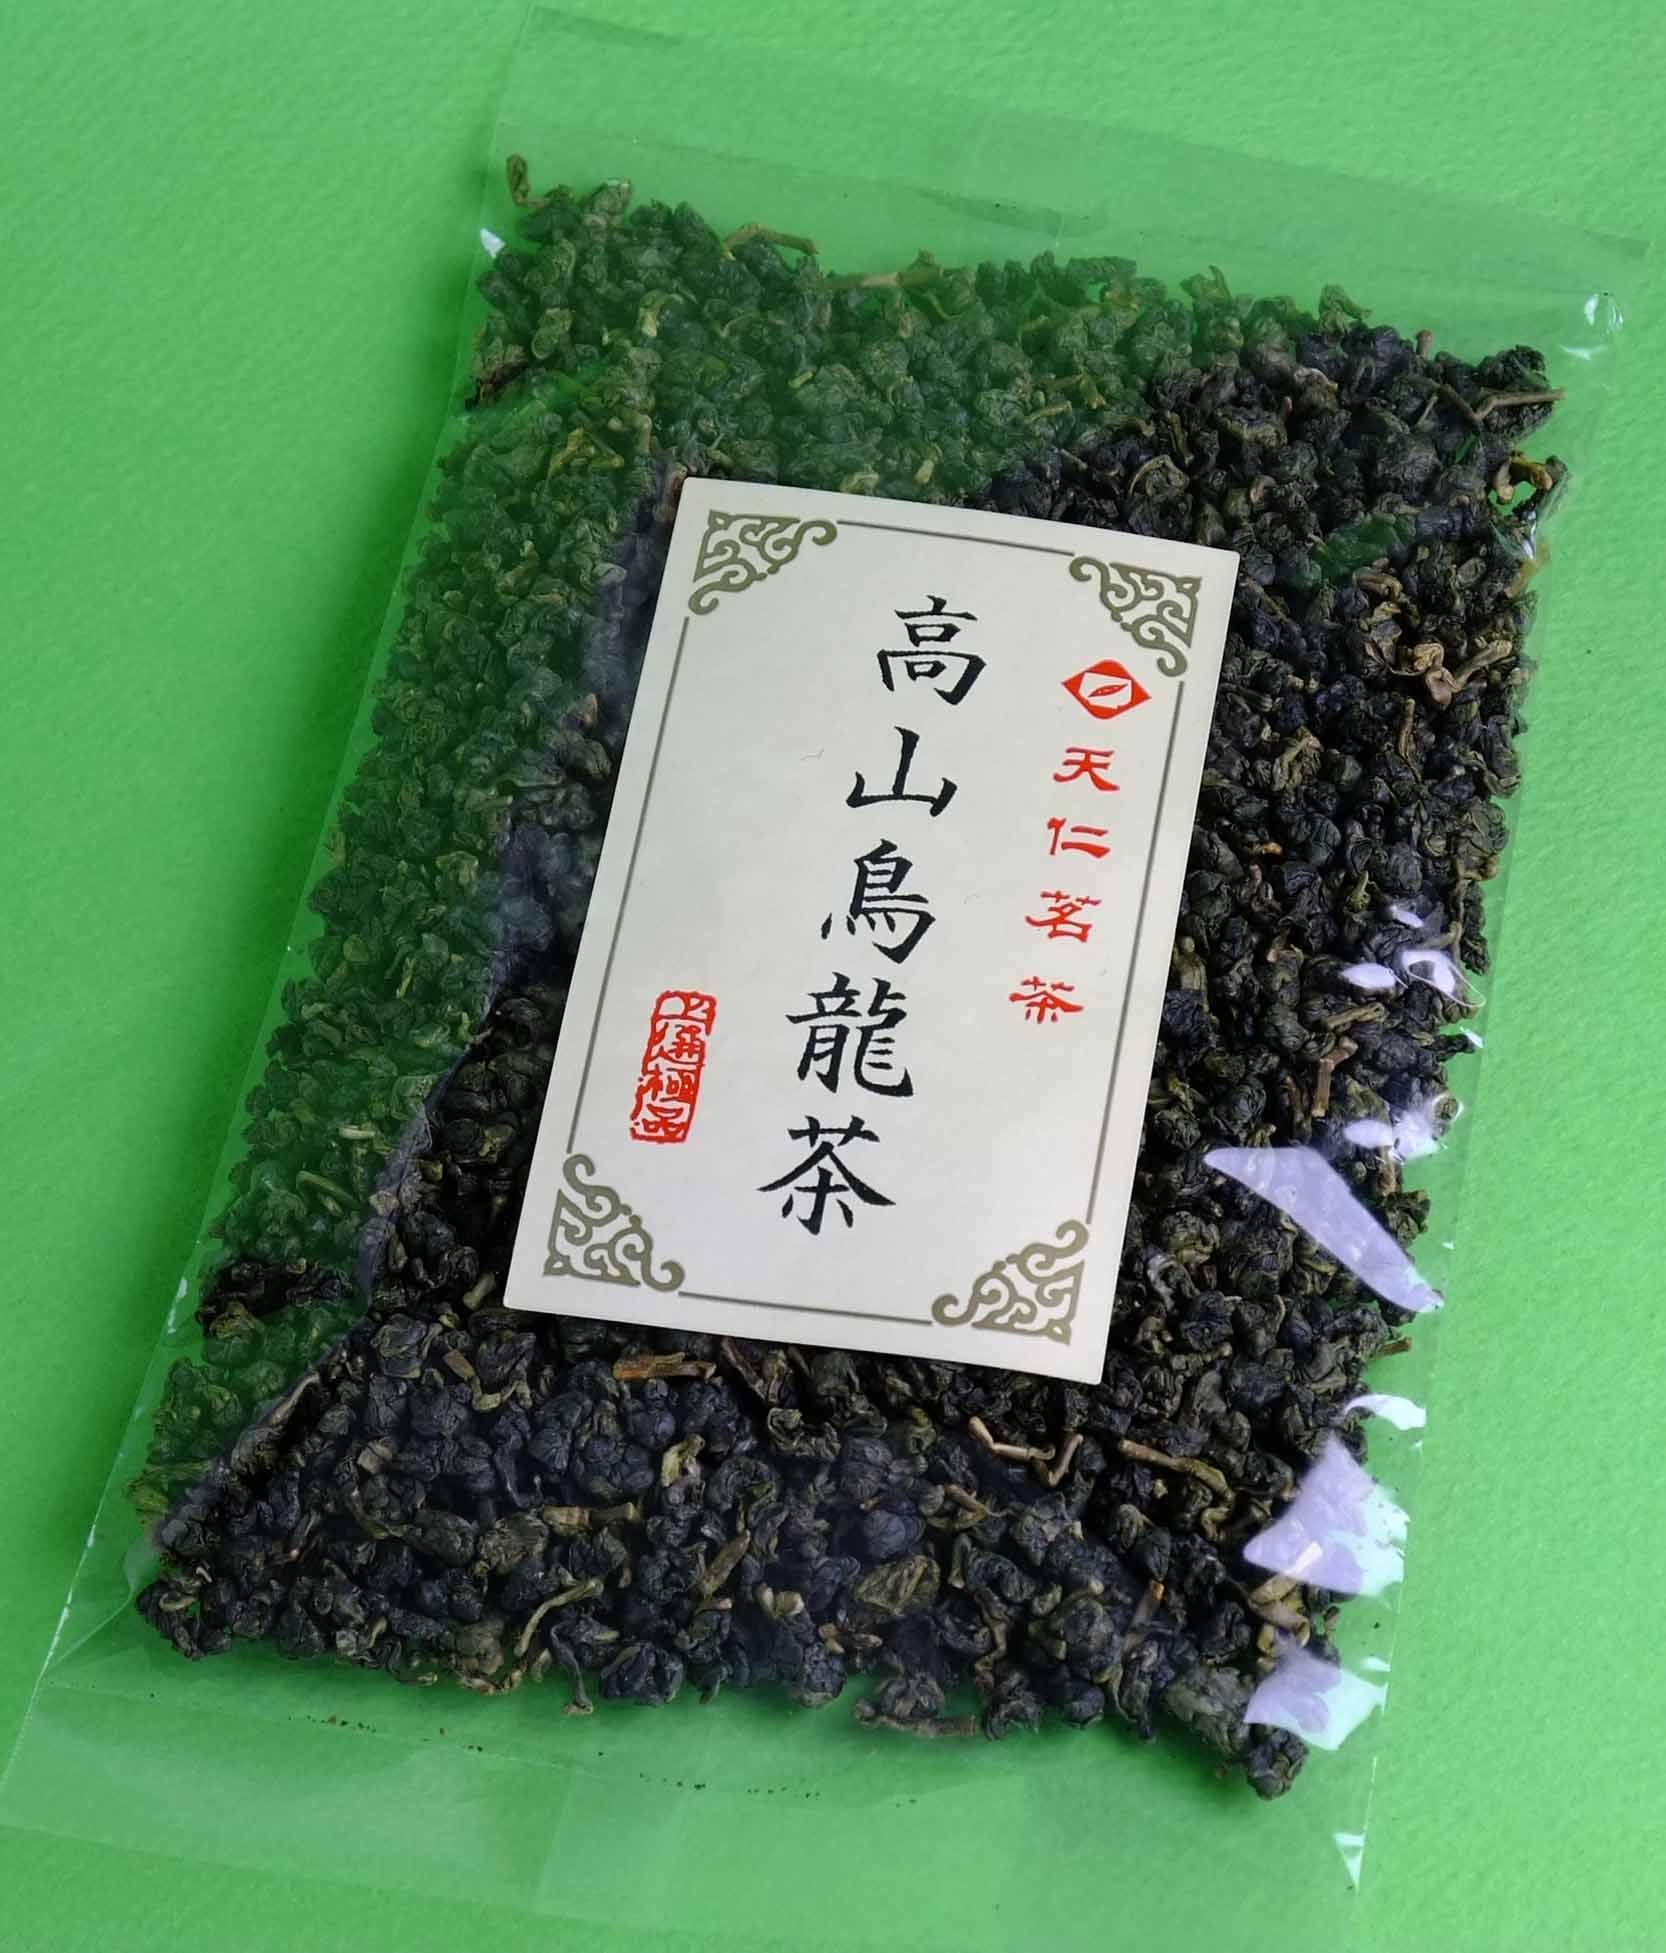 天仁茗茶 高山烏龍茶100g